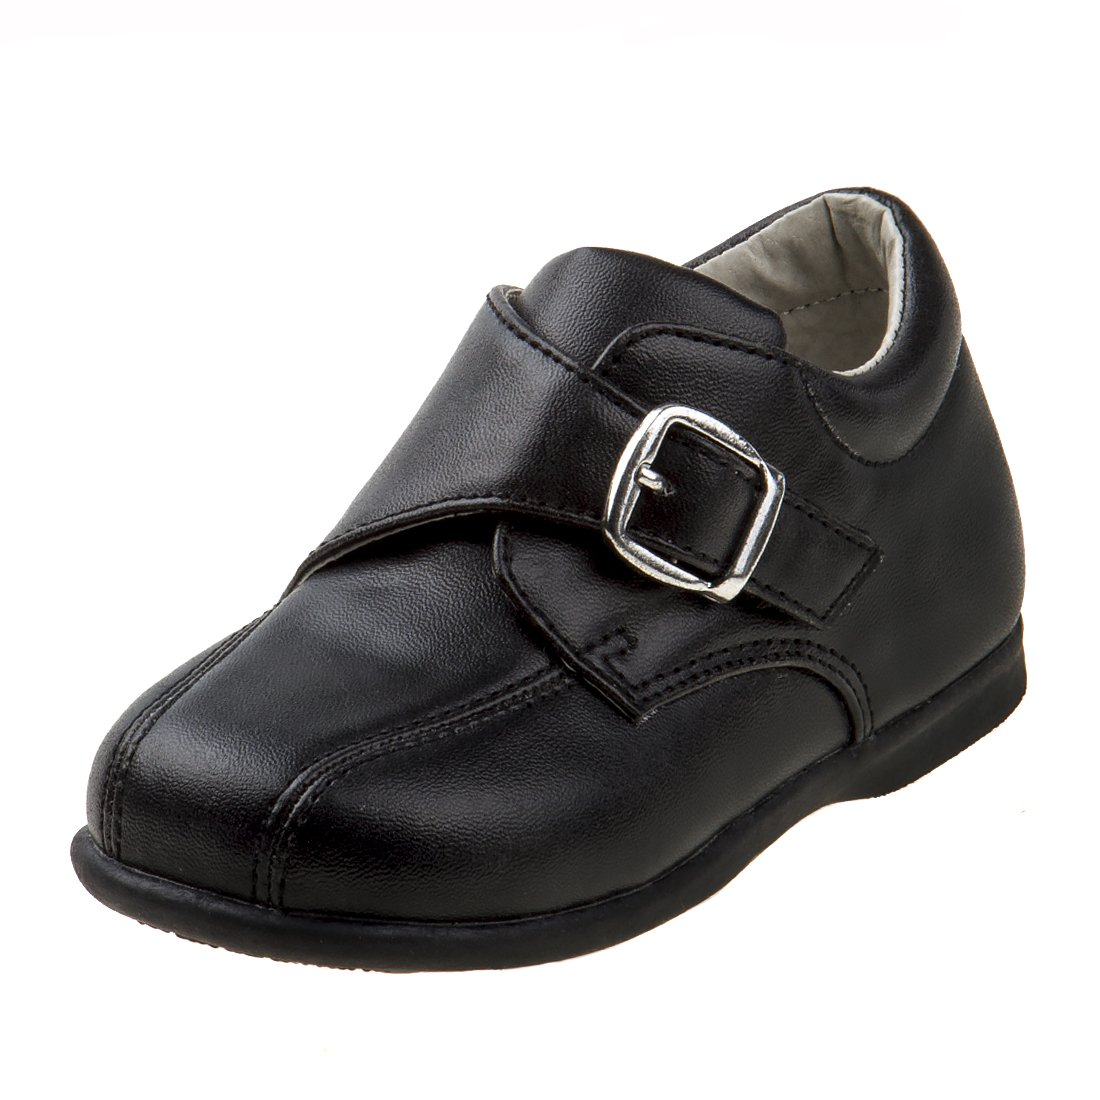 Josmo Boy's Walking Dress Shoe, Black, 5 M US Toddler' by Josmo